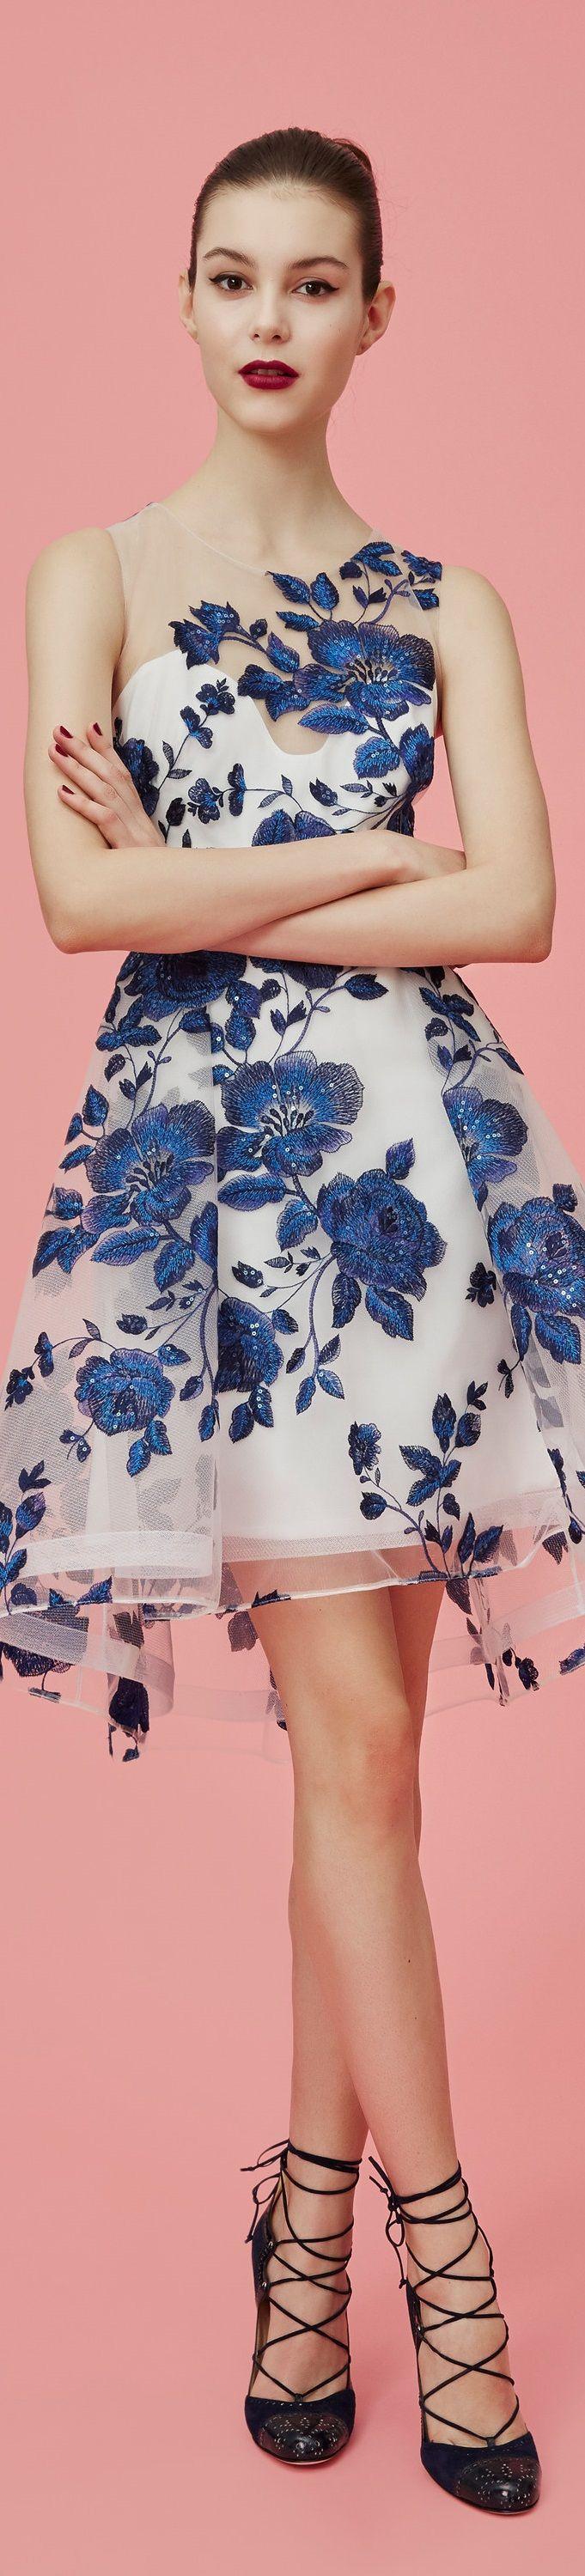 AZUL Y BLANCO....❤ | vestidos | Pinterest | Azul, Blanco y Vestiditos